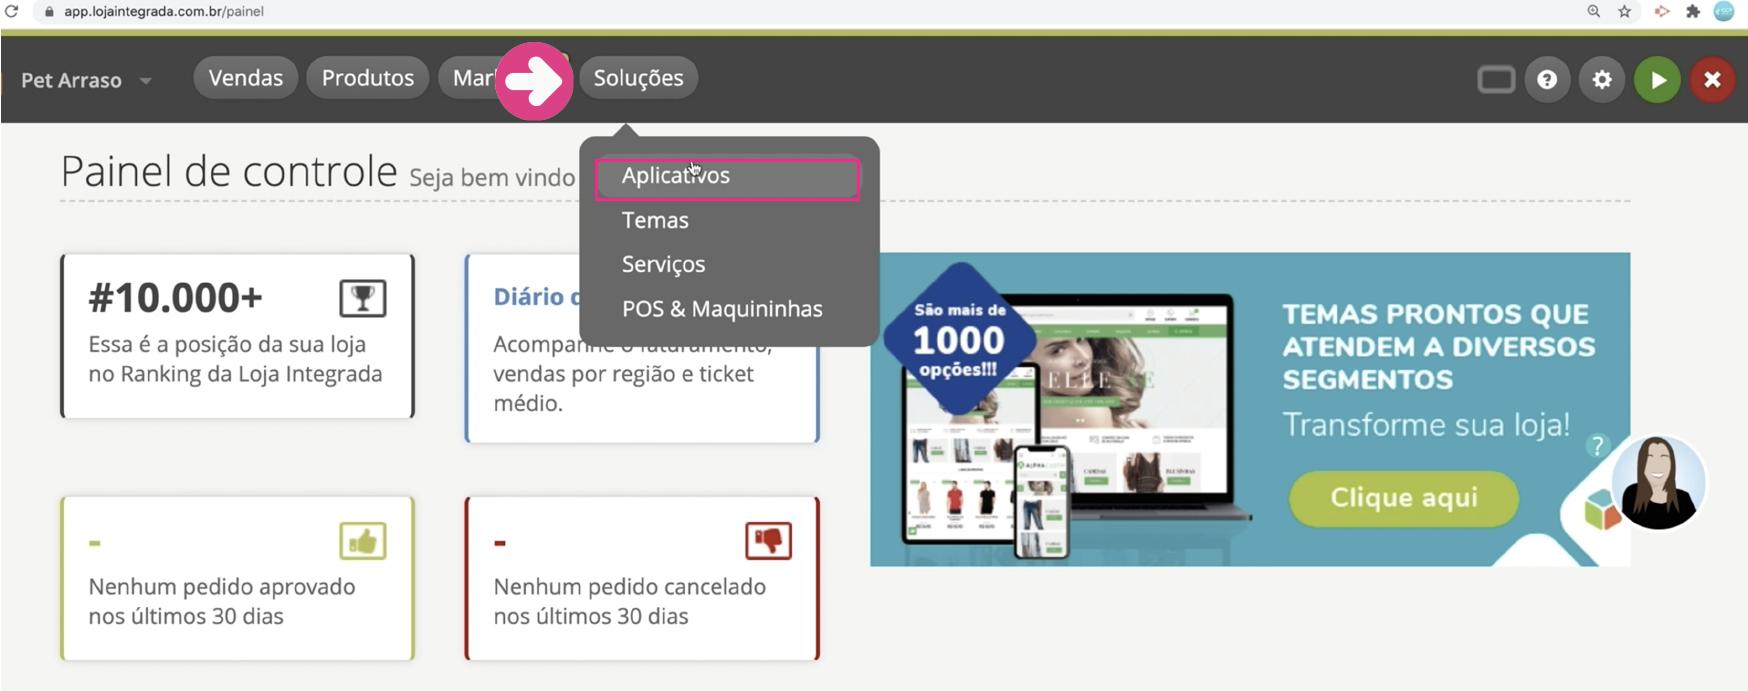 imagem1 como instalar o jivochat grátis na sua loja integrada